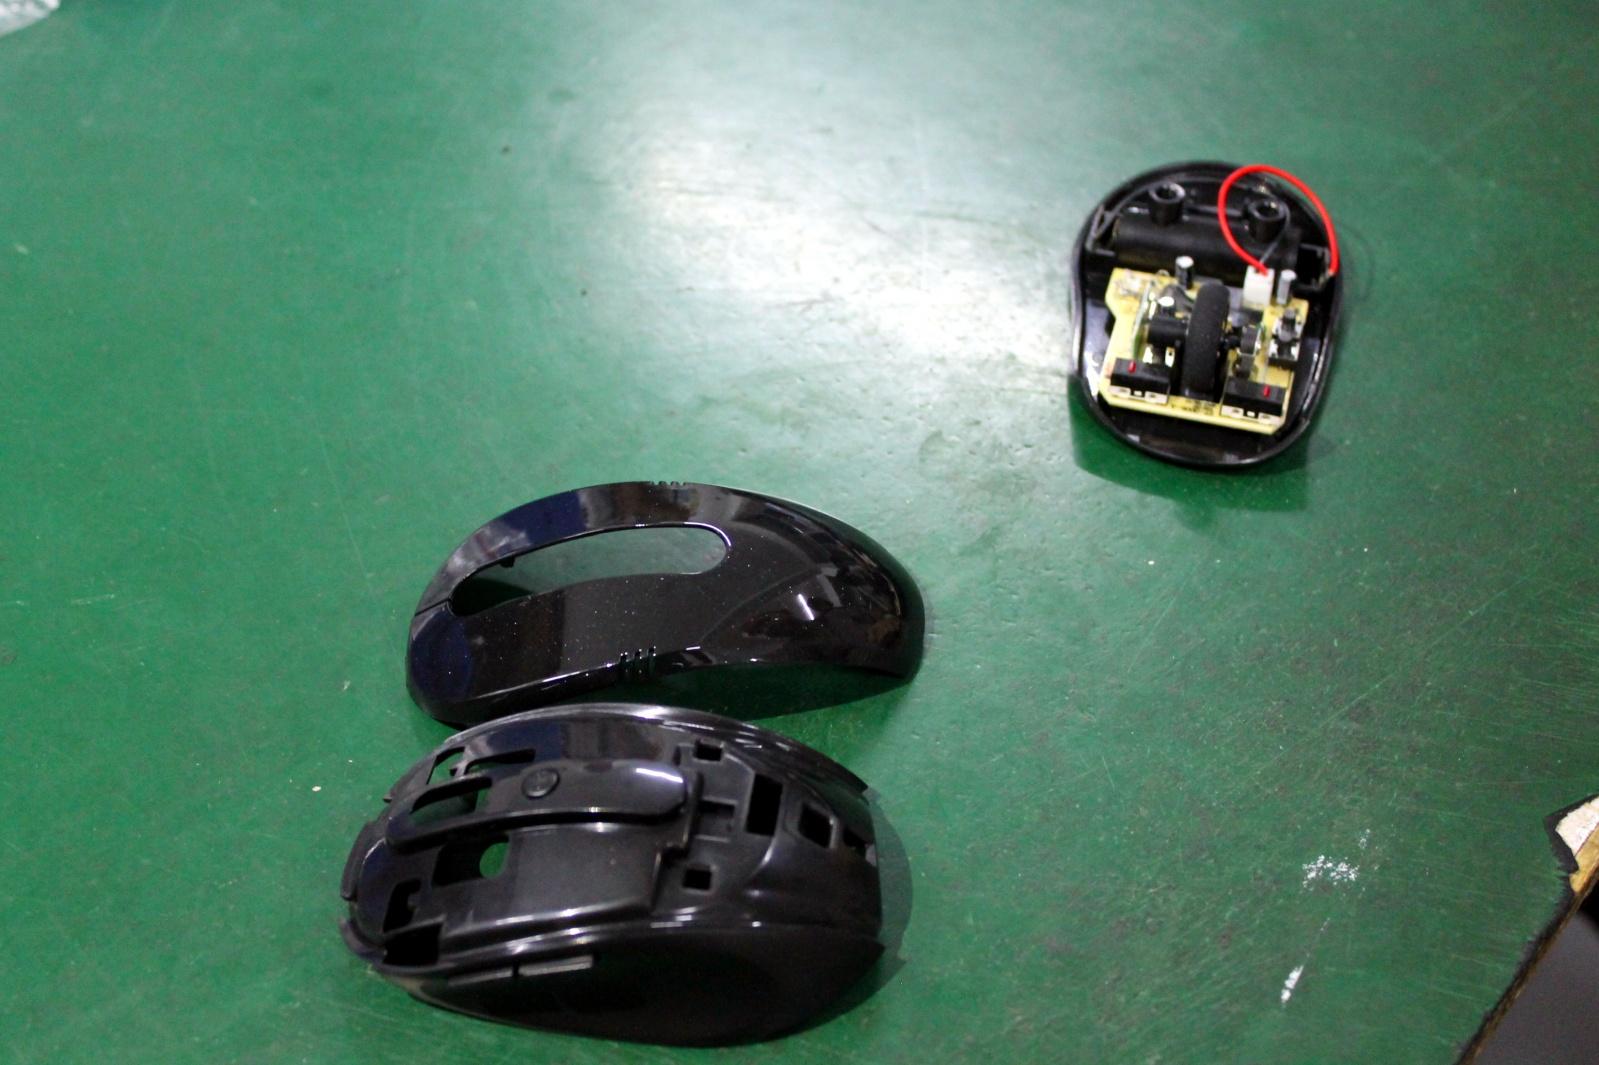 Фабрика мышей в Шэньчжэне - 20